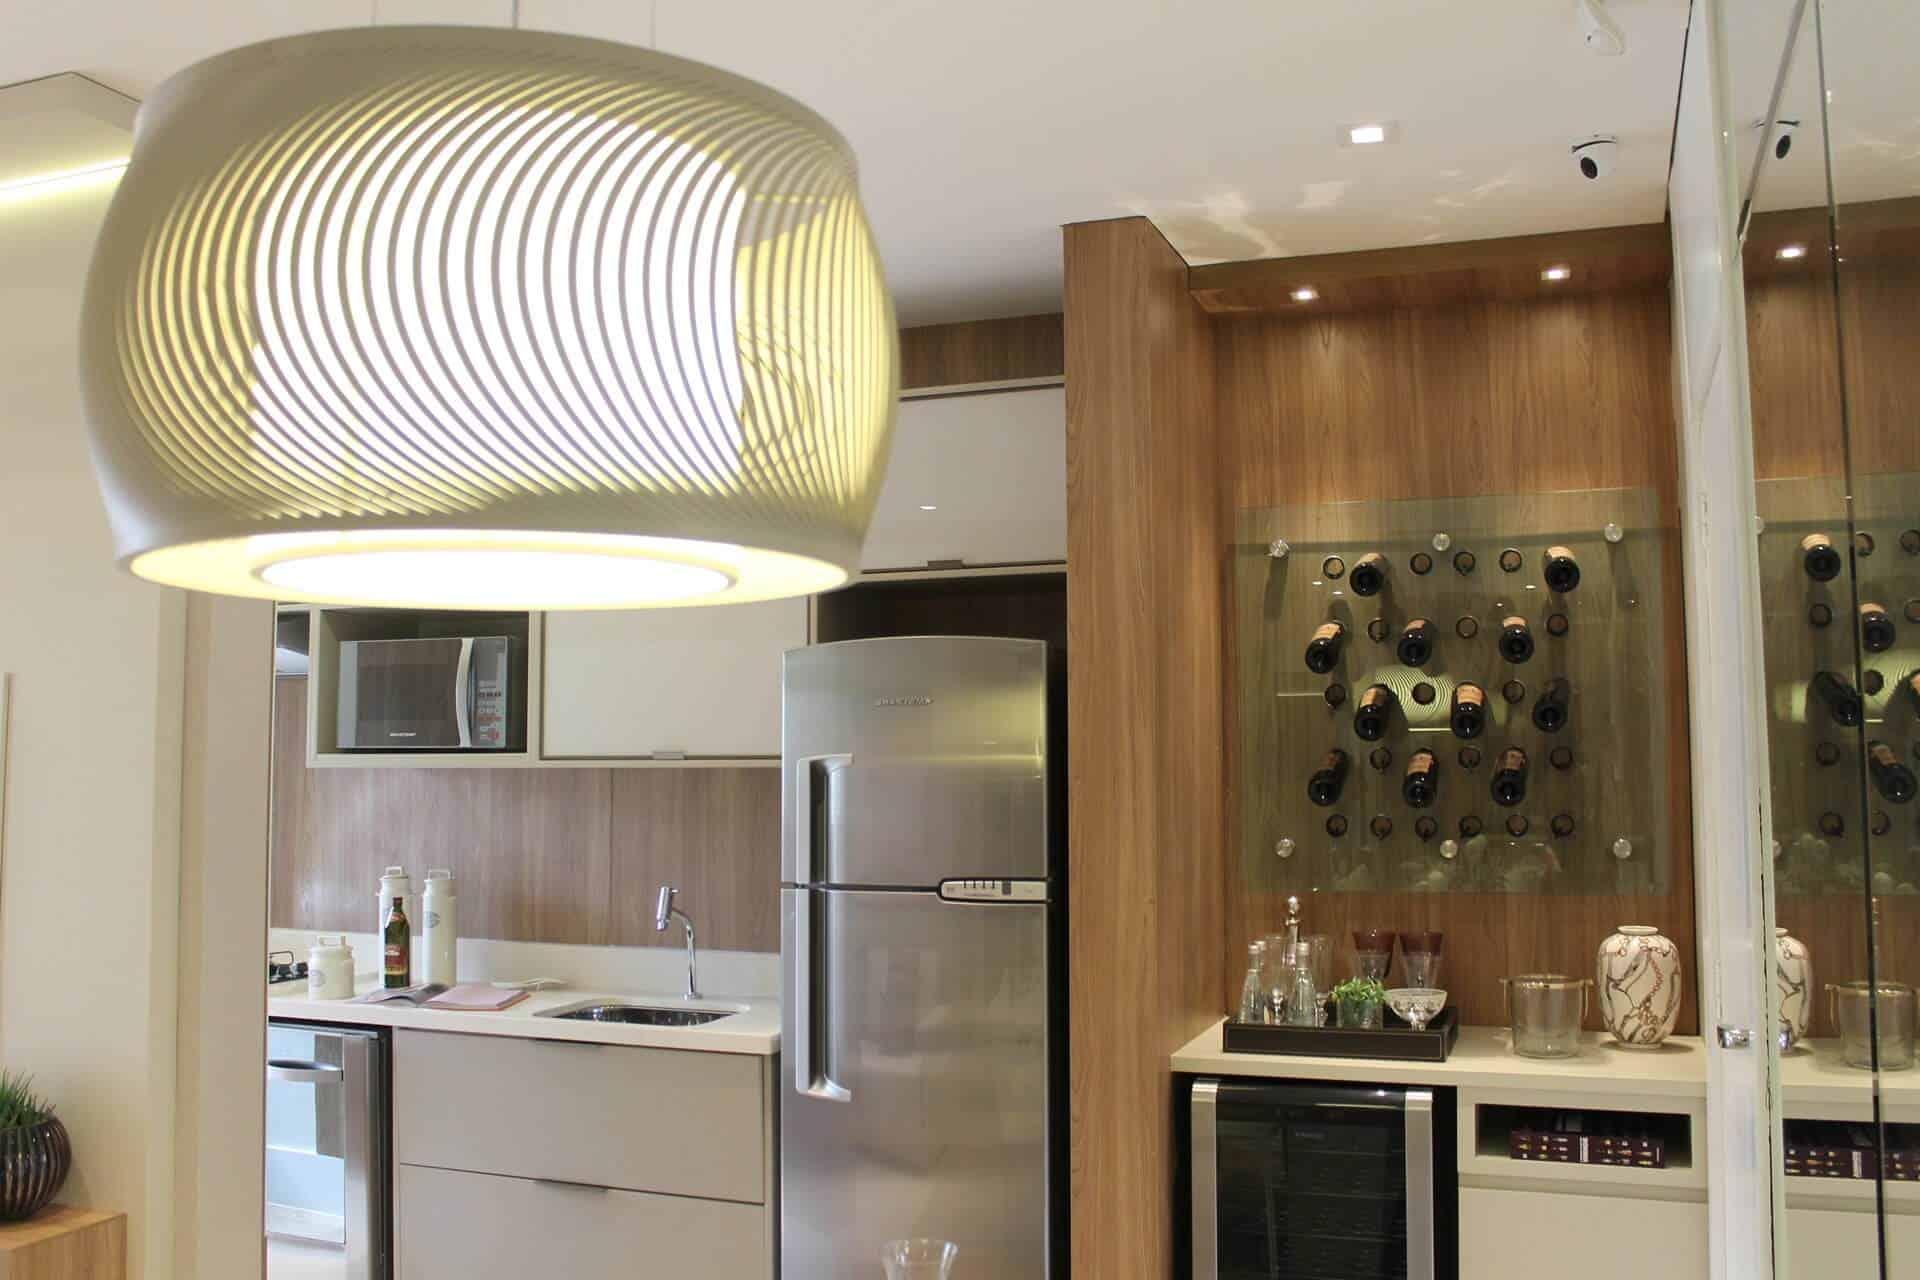 moveis-sob-medida_cozinhas-planejadas-galeria-30